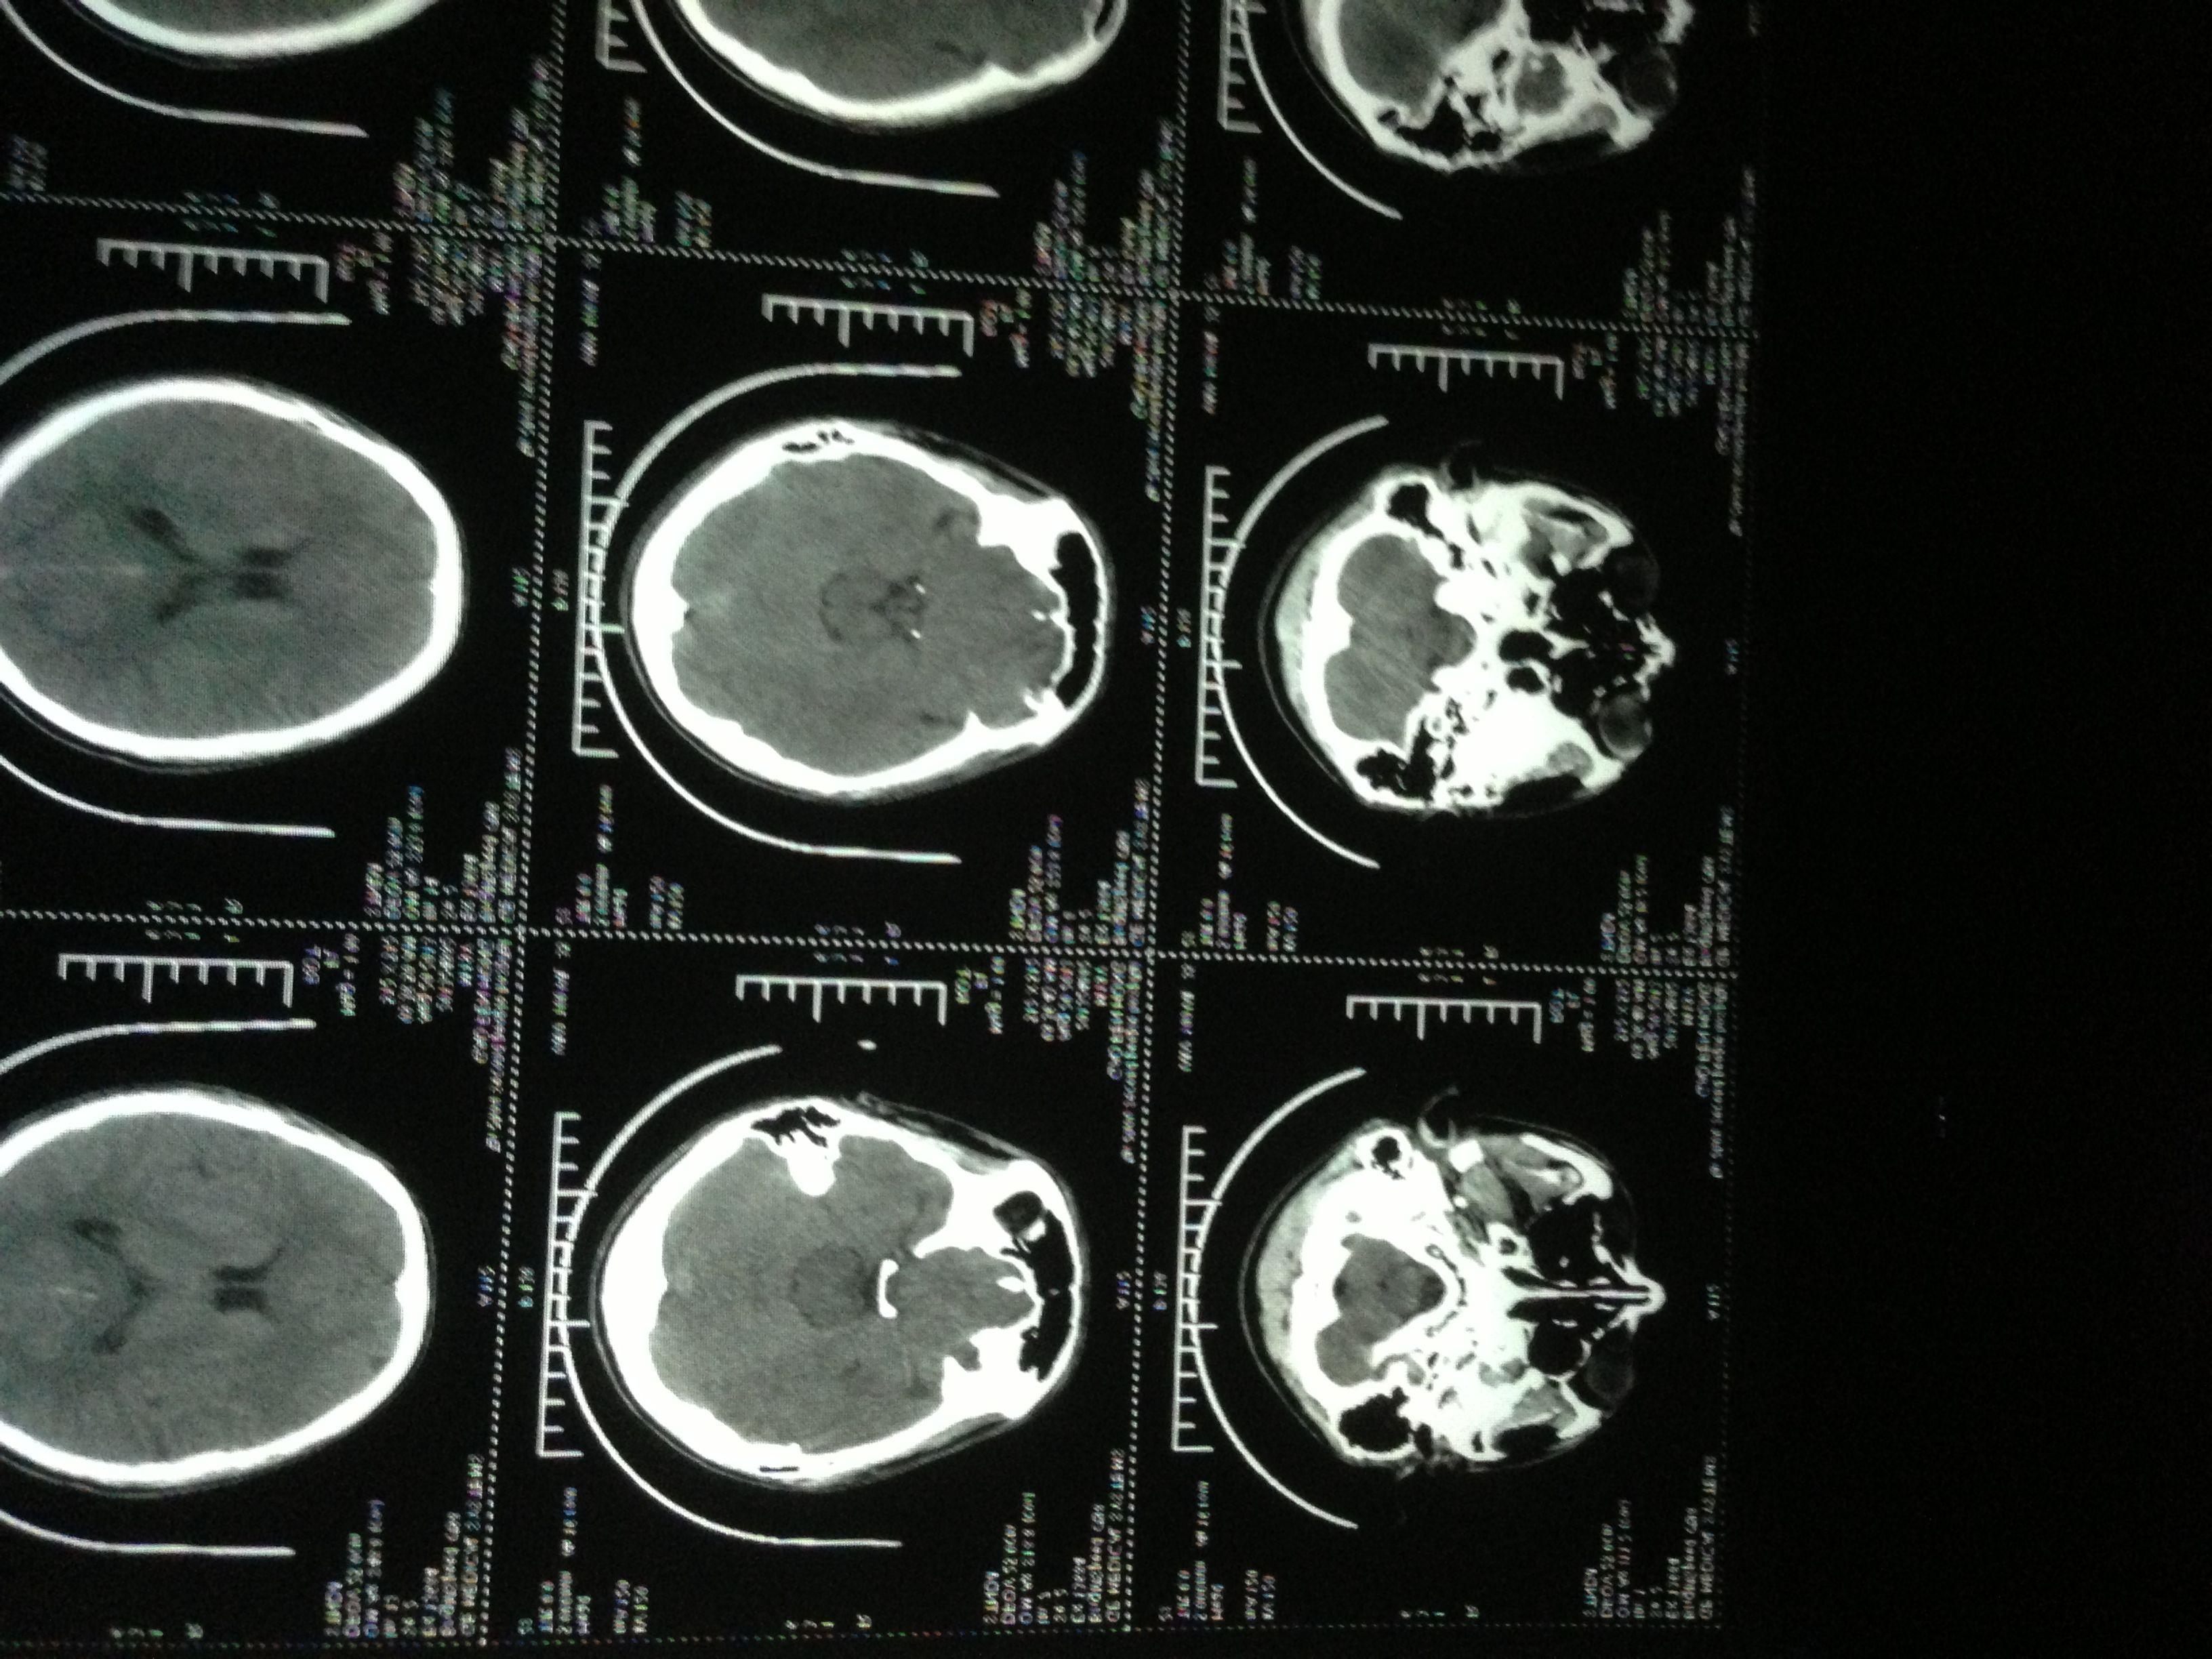 谁能帮我看看脑部ct图,急急急图片